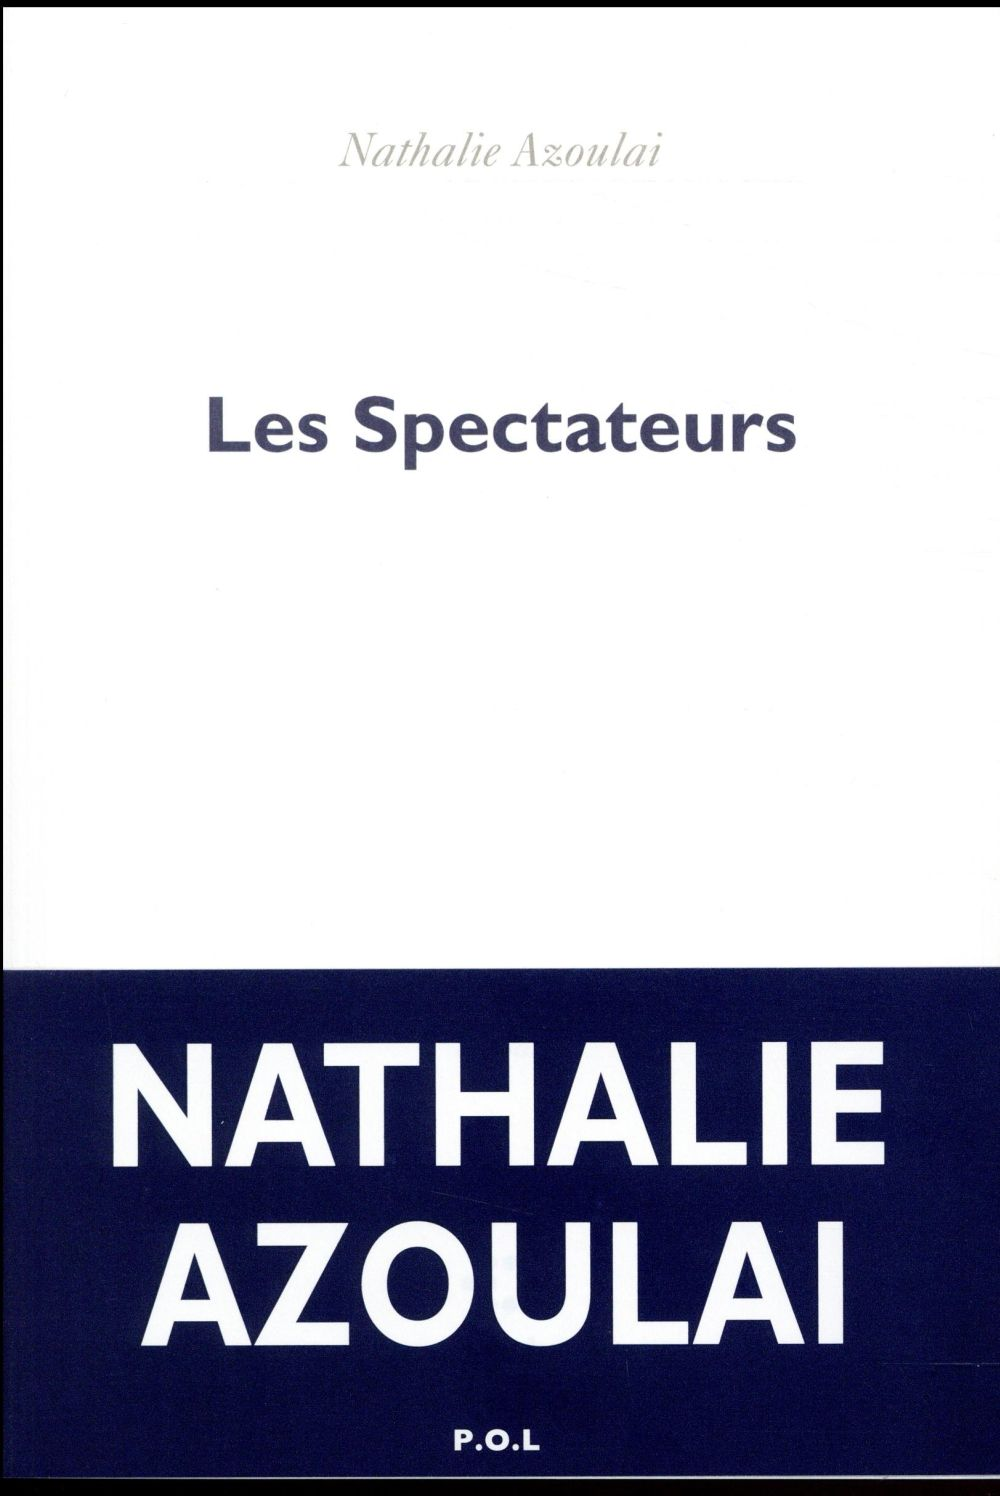 LES SPECTATEURS